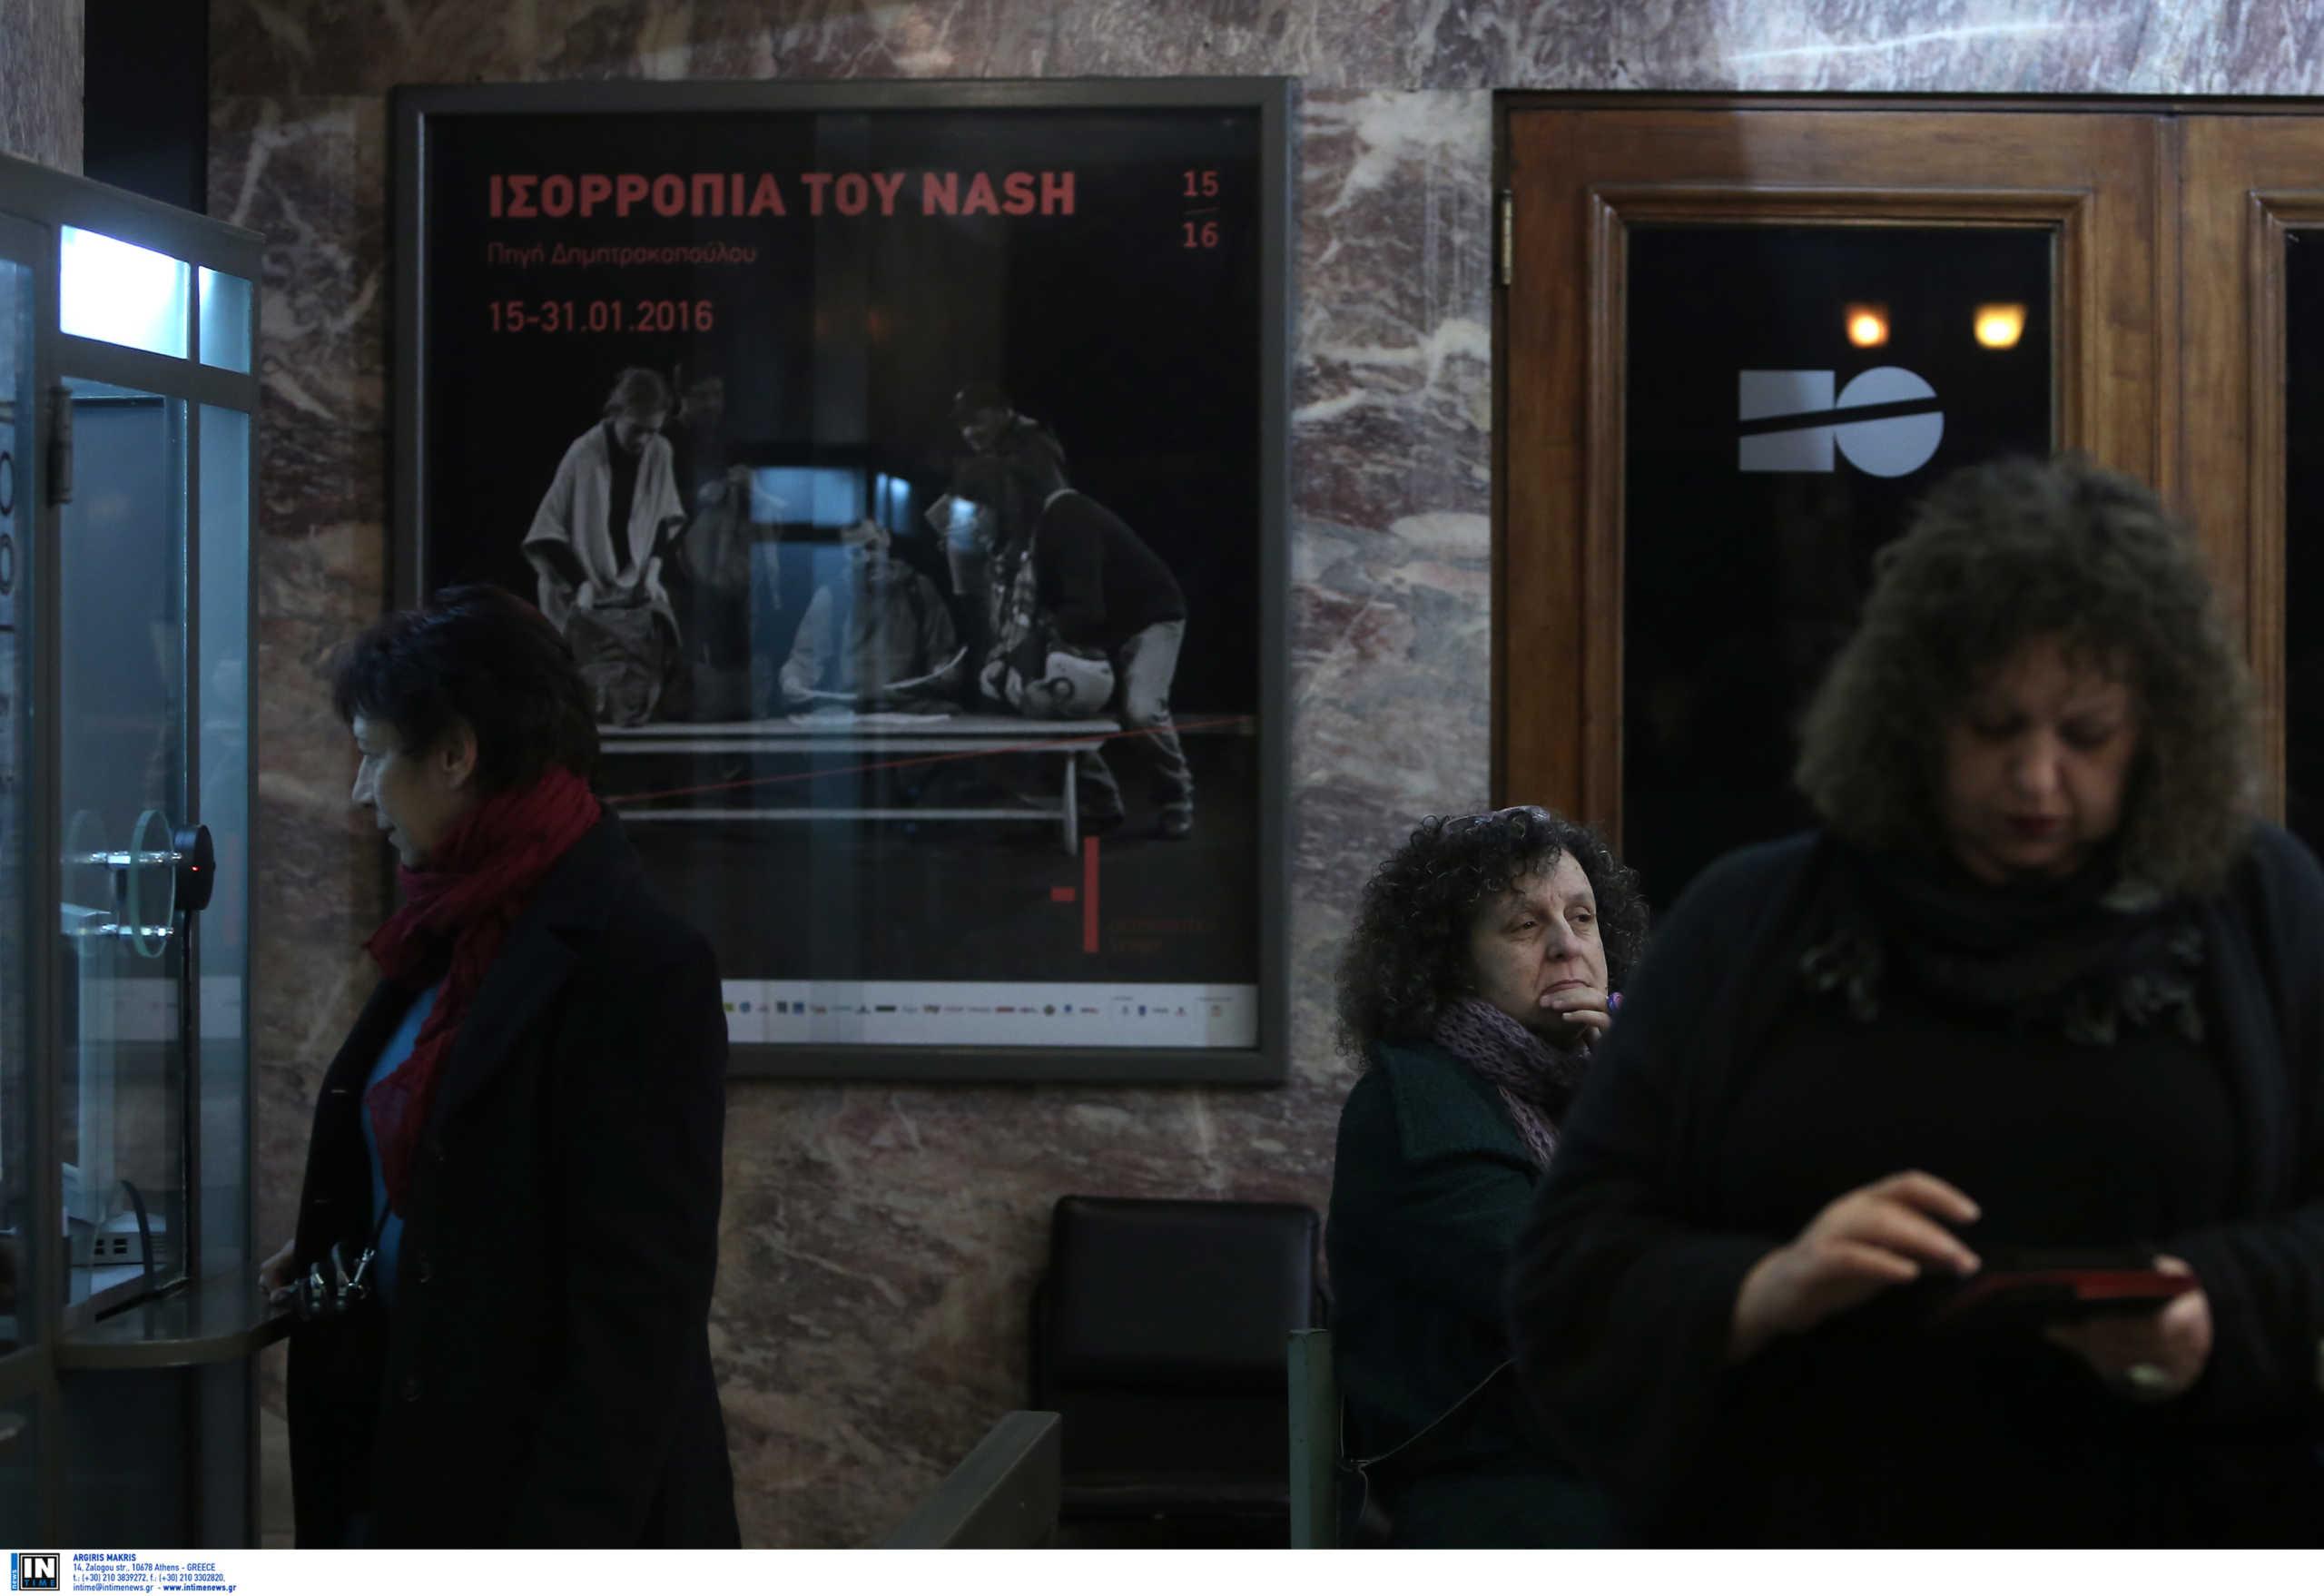 Εθνικό Θέατρο: Ακυρώνονται παραστάσεις